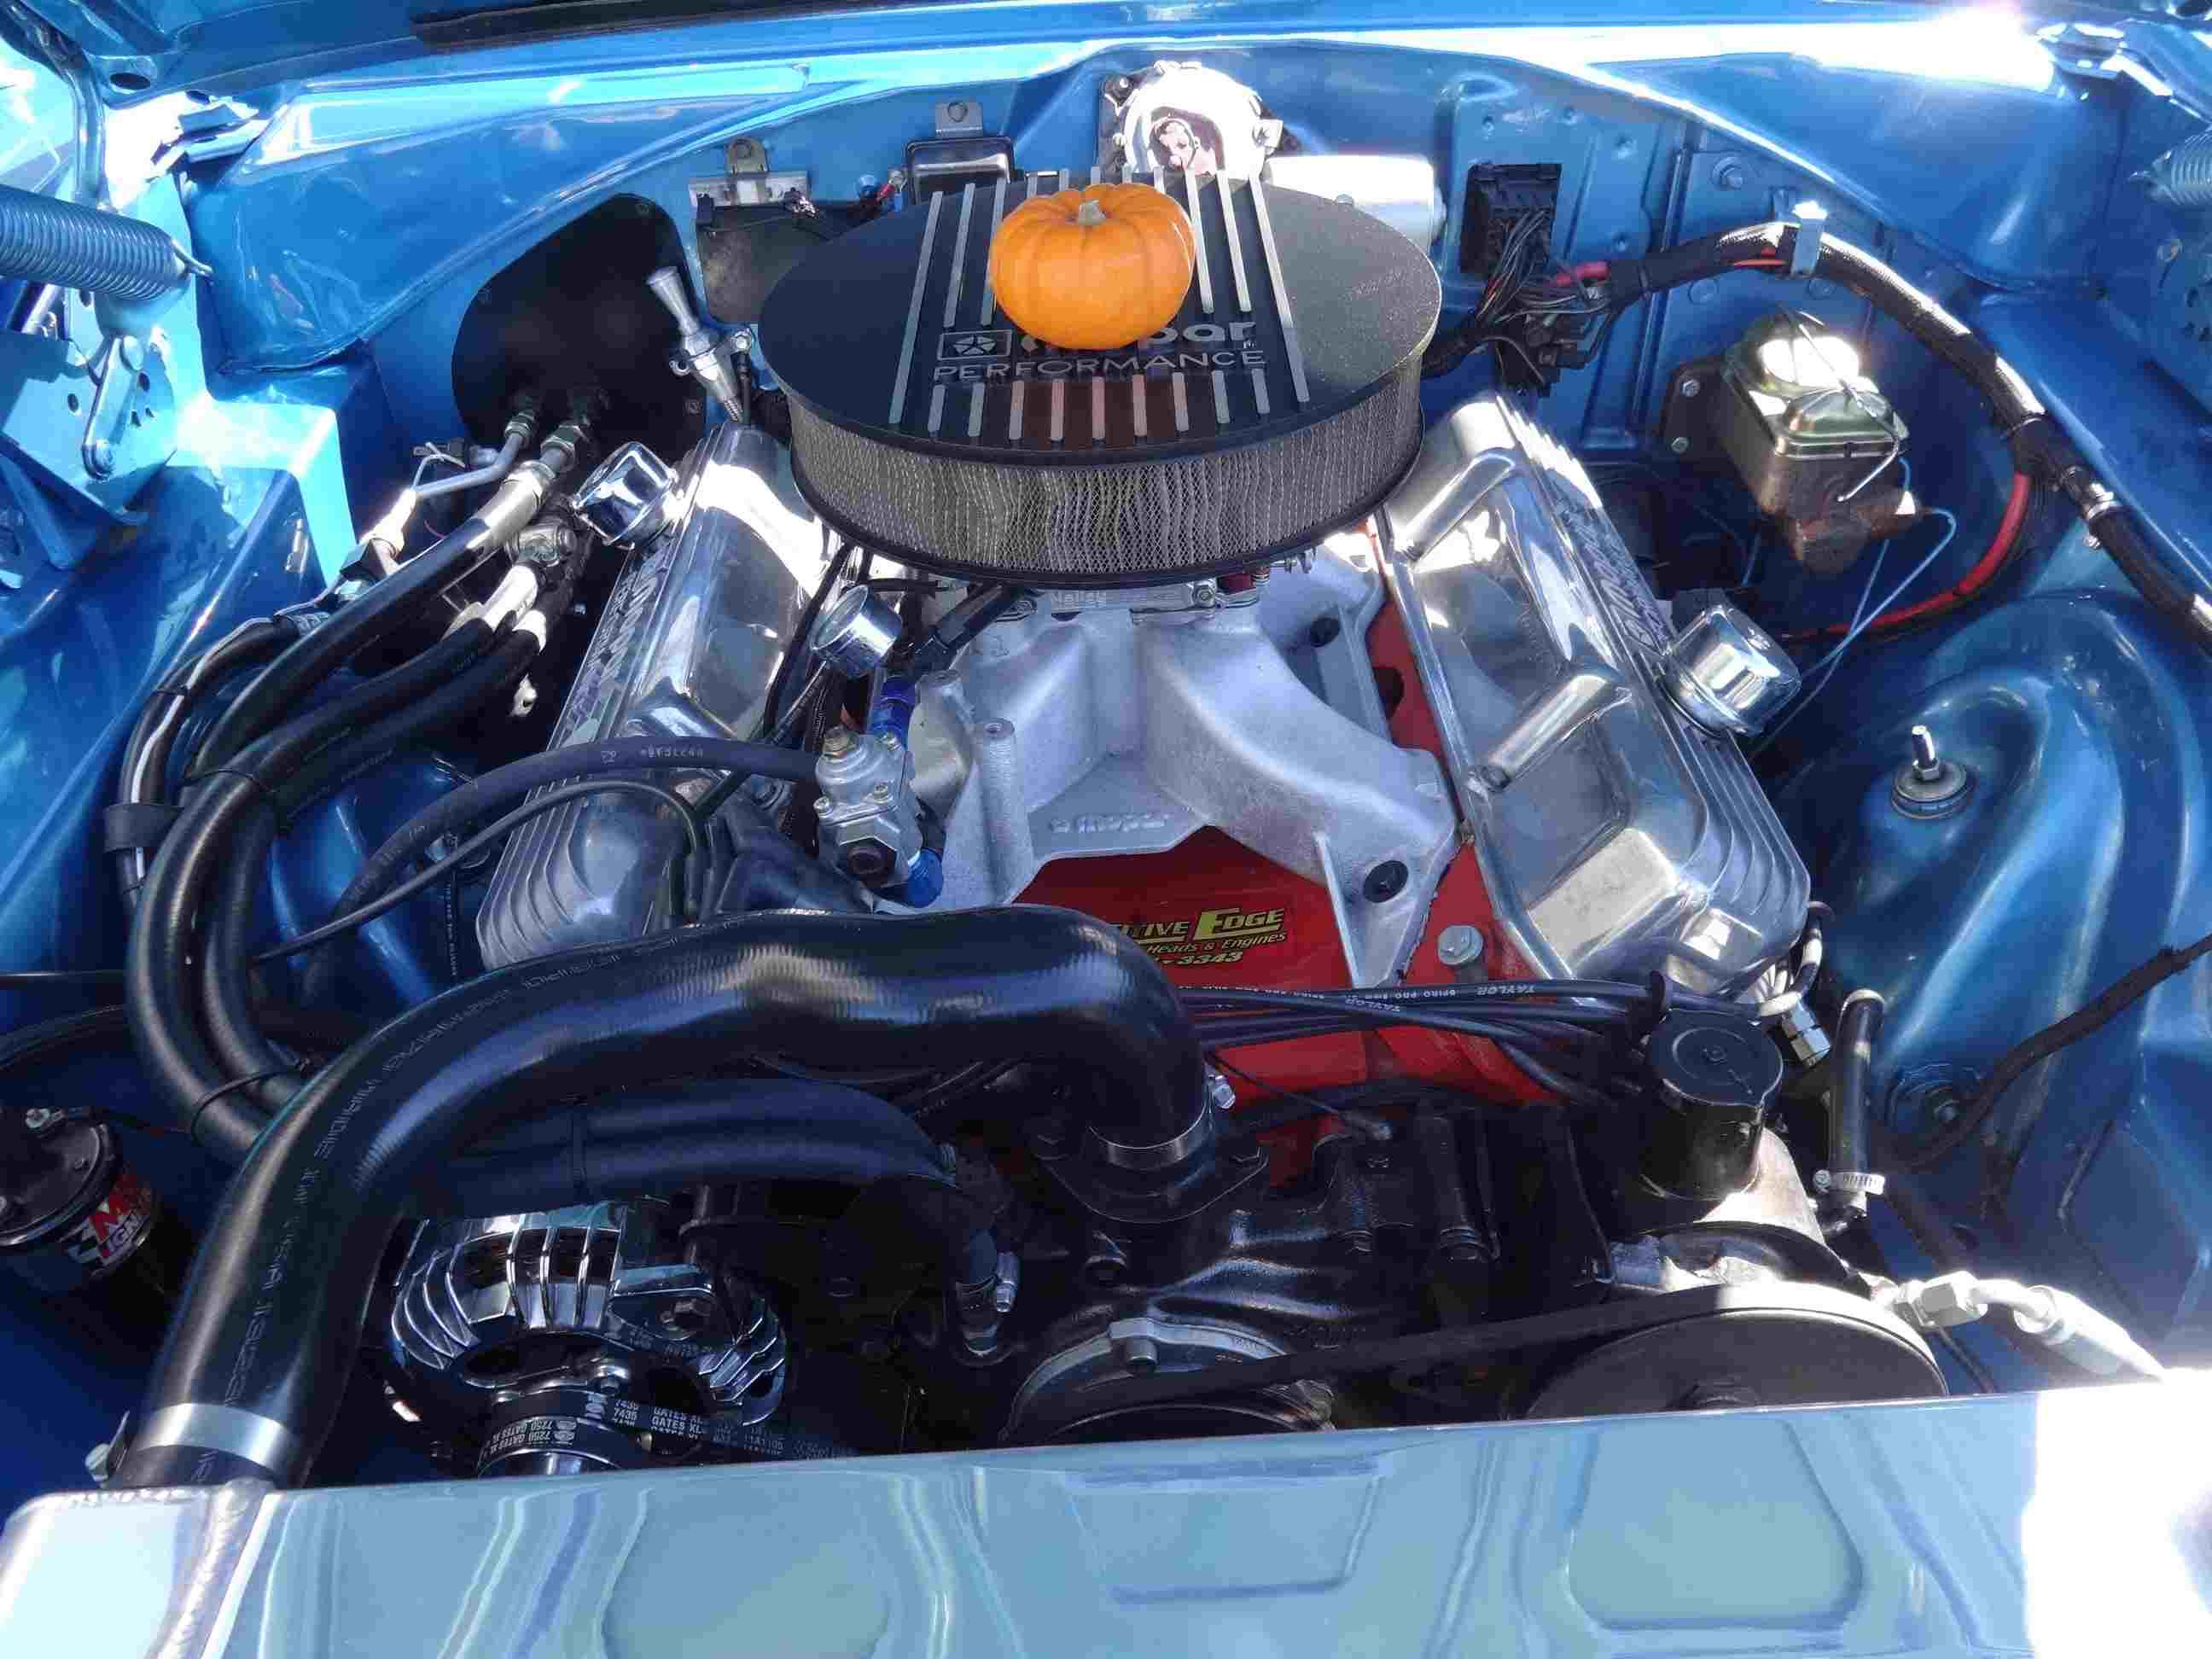 440 Cubic Inch Mopar V8